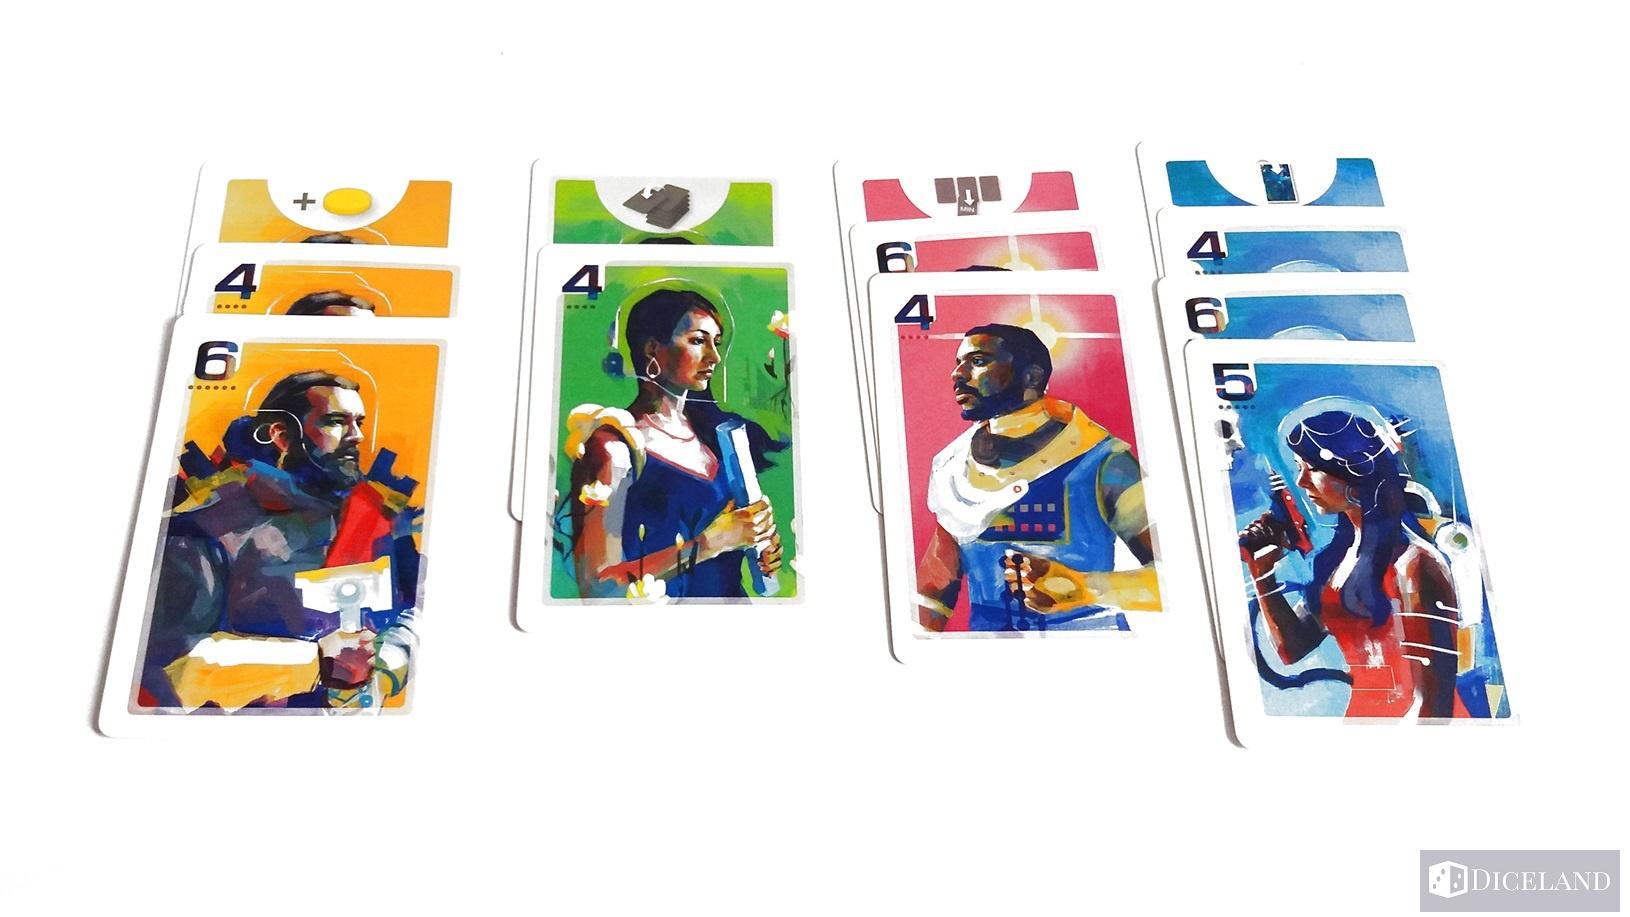 Kosmopolis 15 Recenzja #15 Kosmopolis